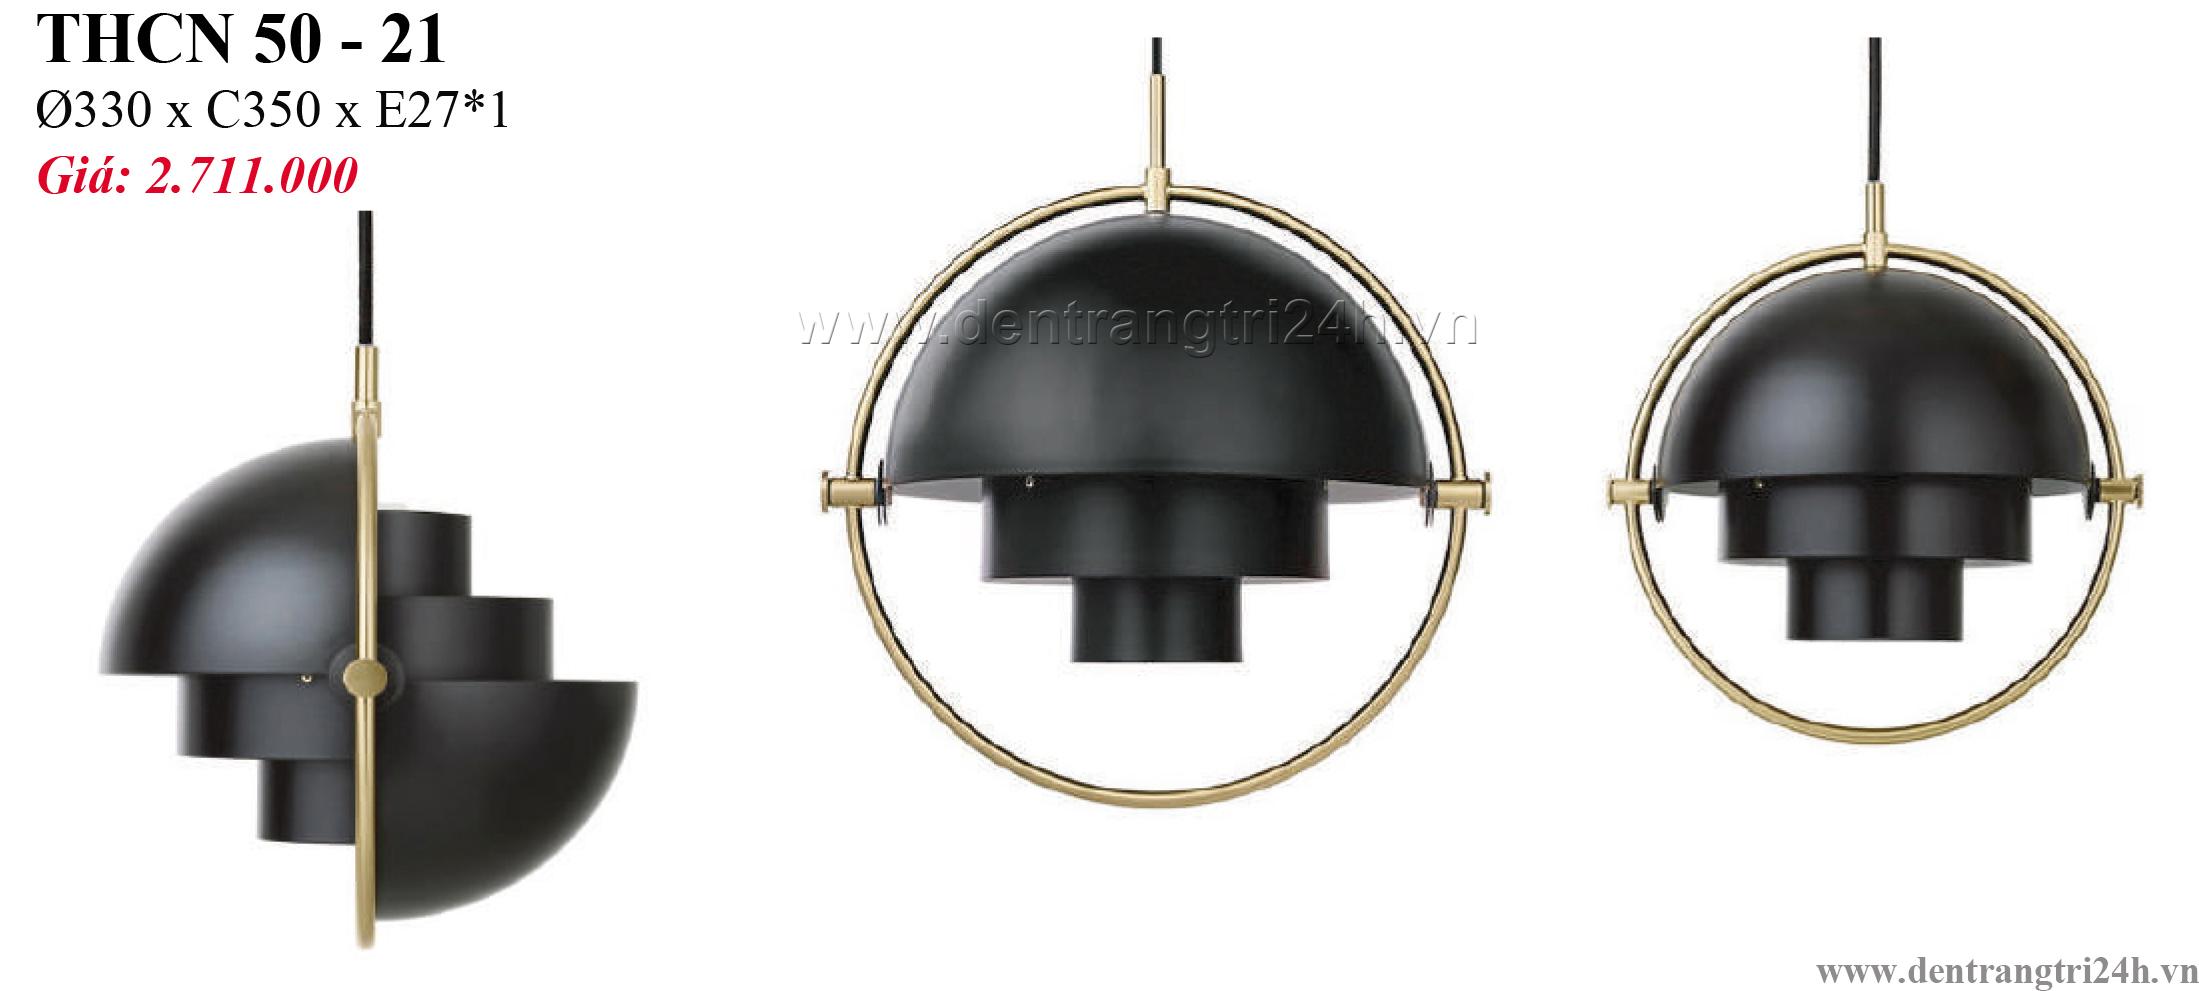 Đèn Thả Bàn Ăn PT6 THCN 50-21 Ø330xC350